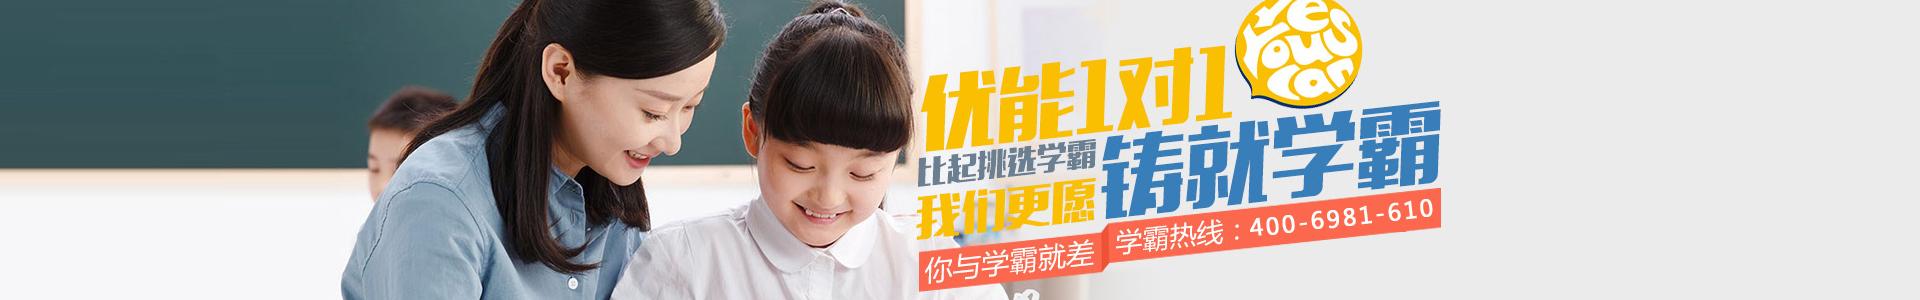 上海新东方高中全科辅导学校